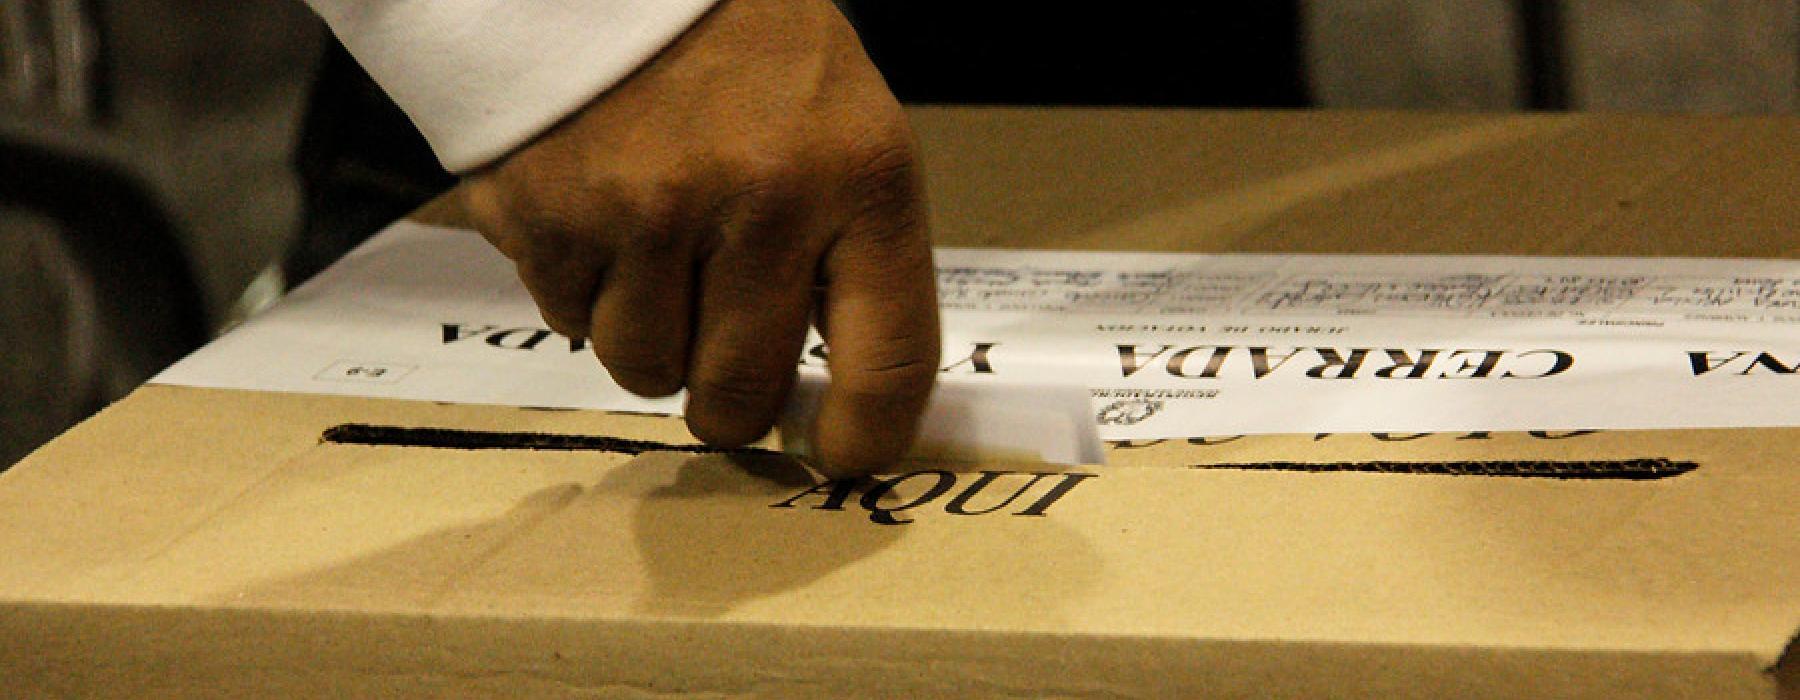 Putumayo experimenta su primera jornada electoral en época de postconflicto